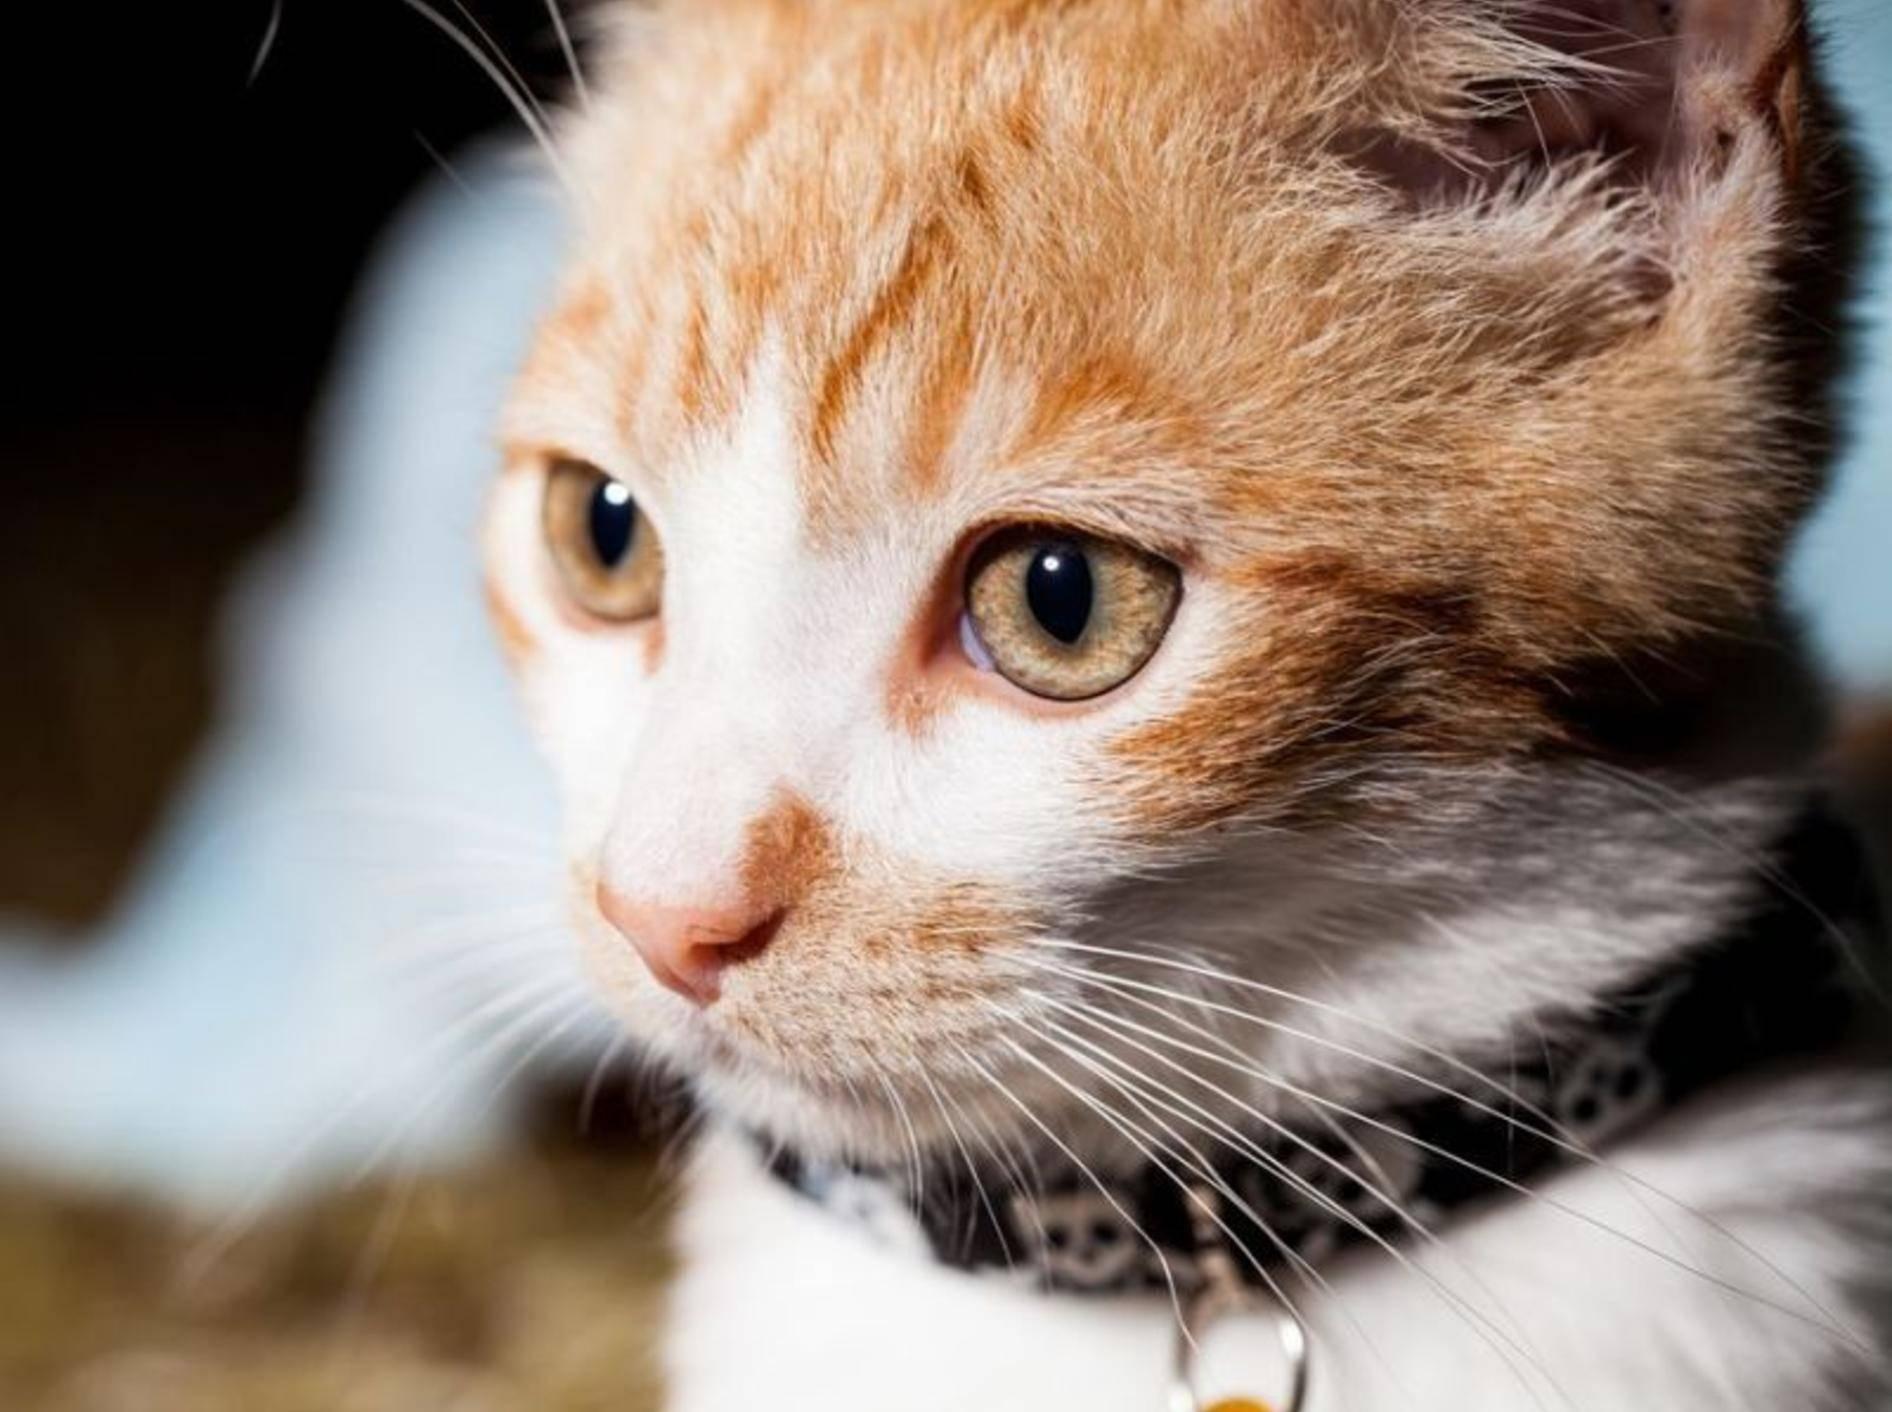 Ein Katzenhalsband kann gefährlich werden und Ihrer Katze schaden – Shutterstock / Sydneymills